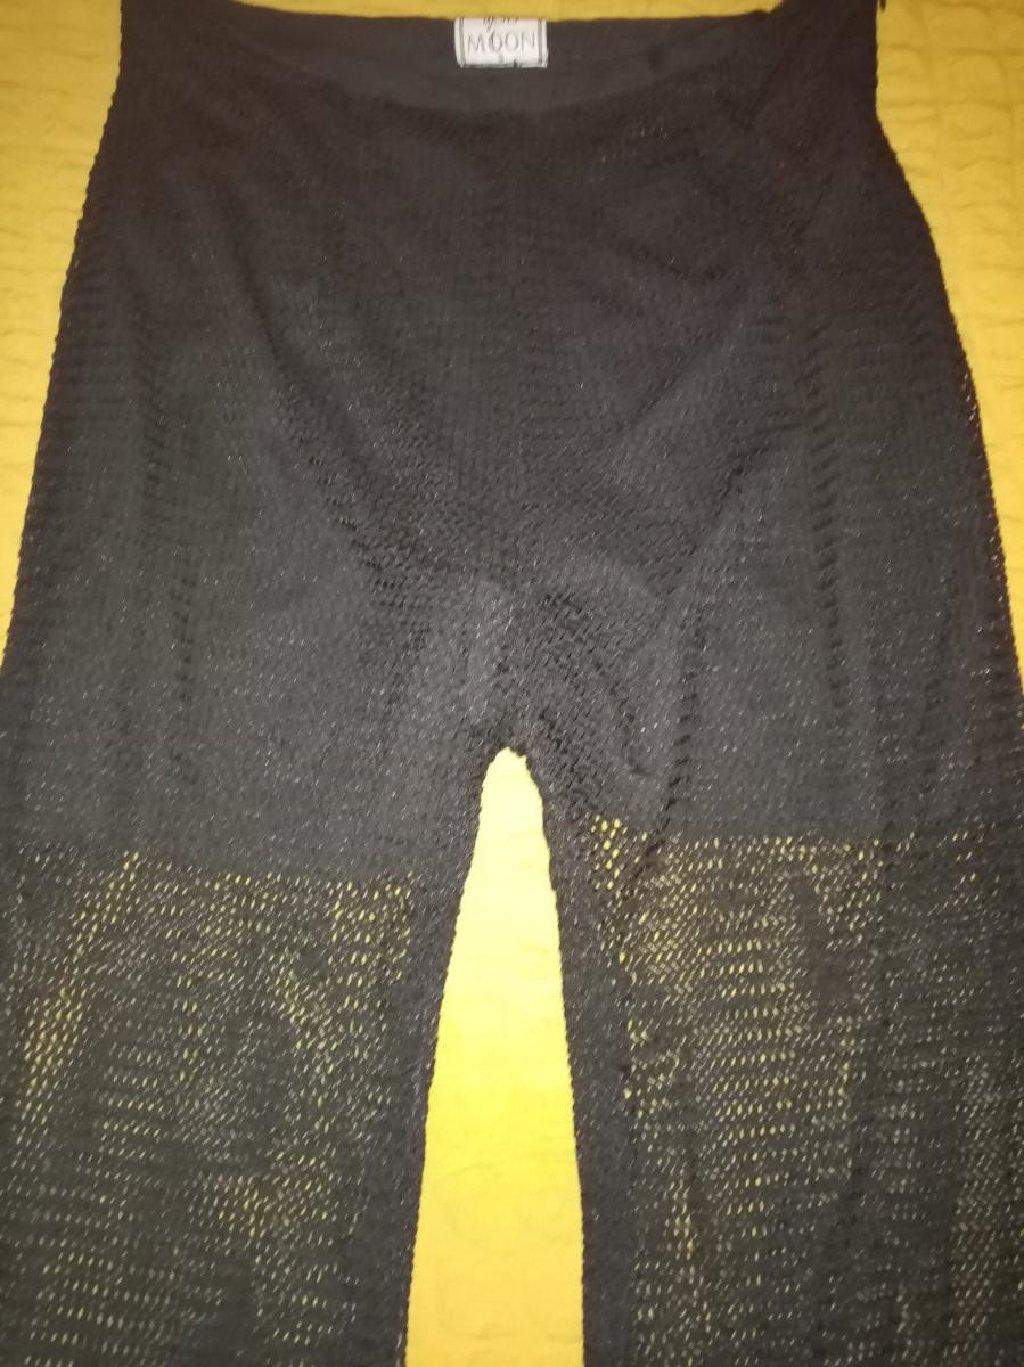 Mrezaste pantalone, s, m